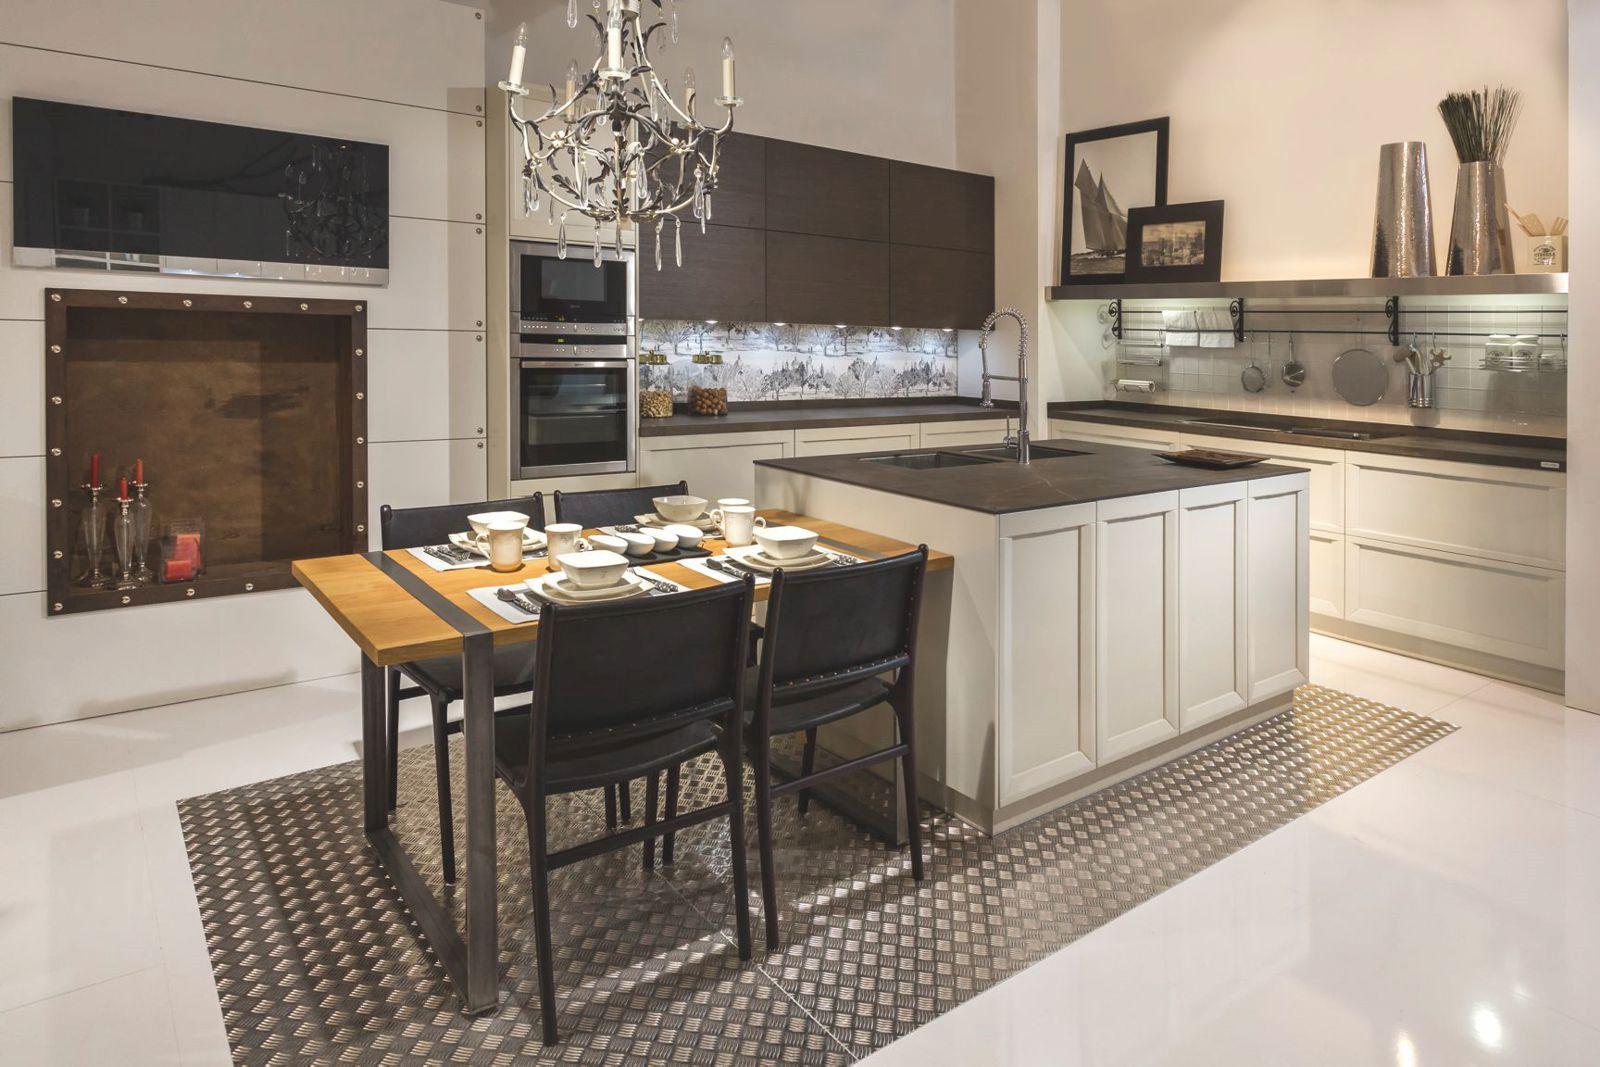 Cocina 57 cocinas capis dise o y fabricaci n de cocinas for Configurador cocinas